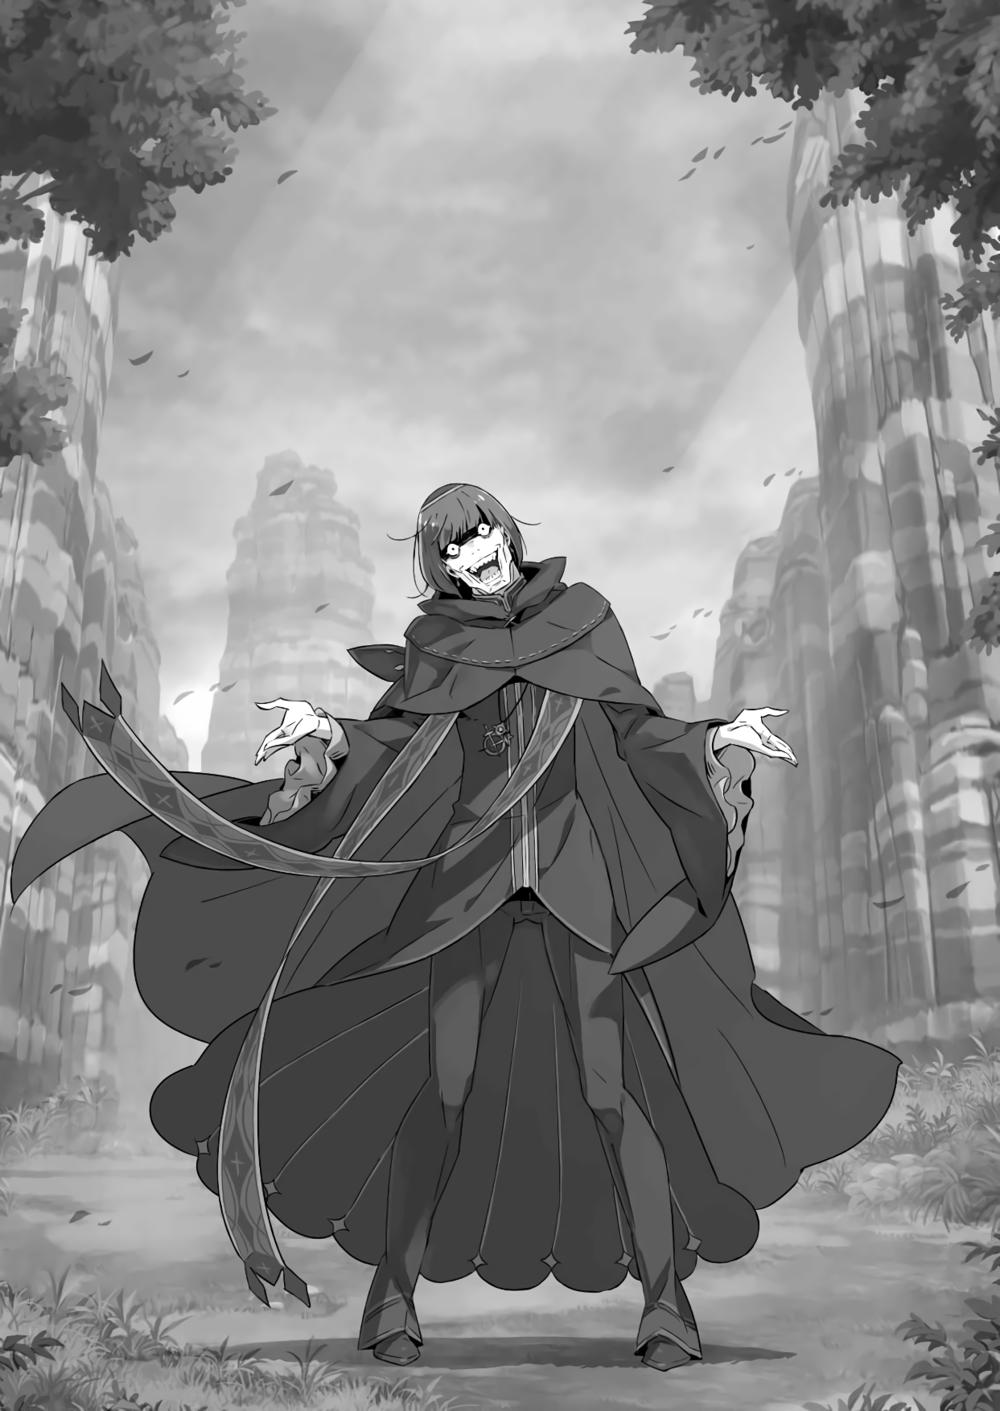 ReZero Light Novel Volume 8 Anime, Anime shows, Light novel